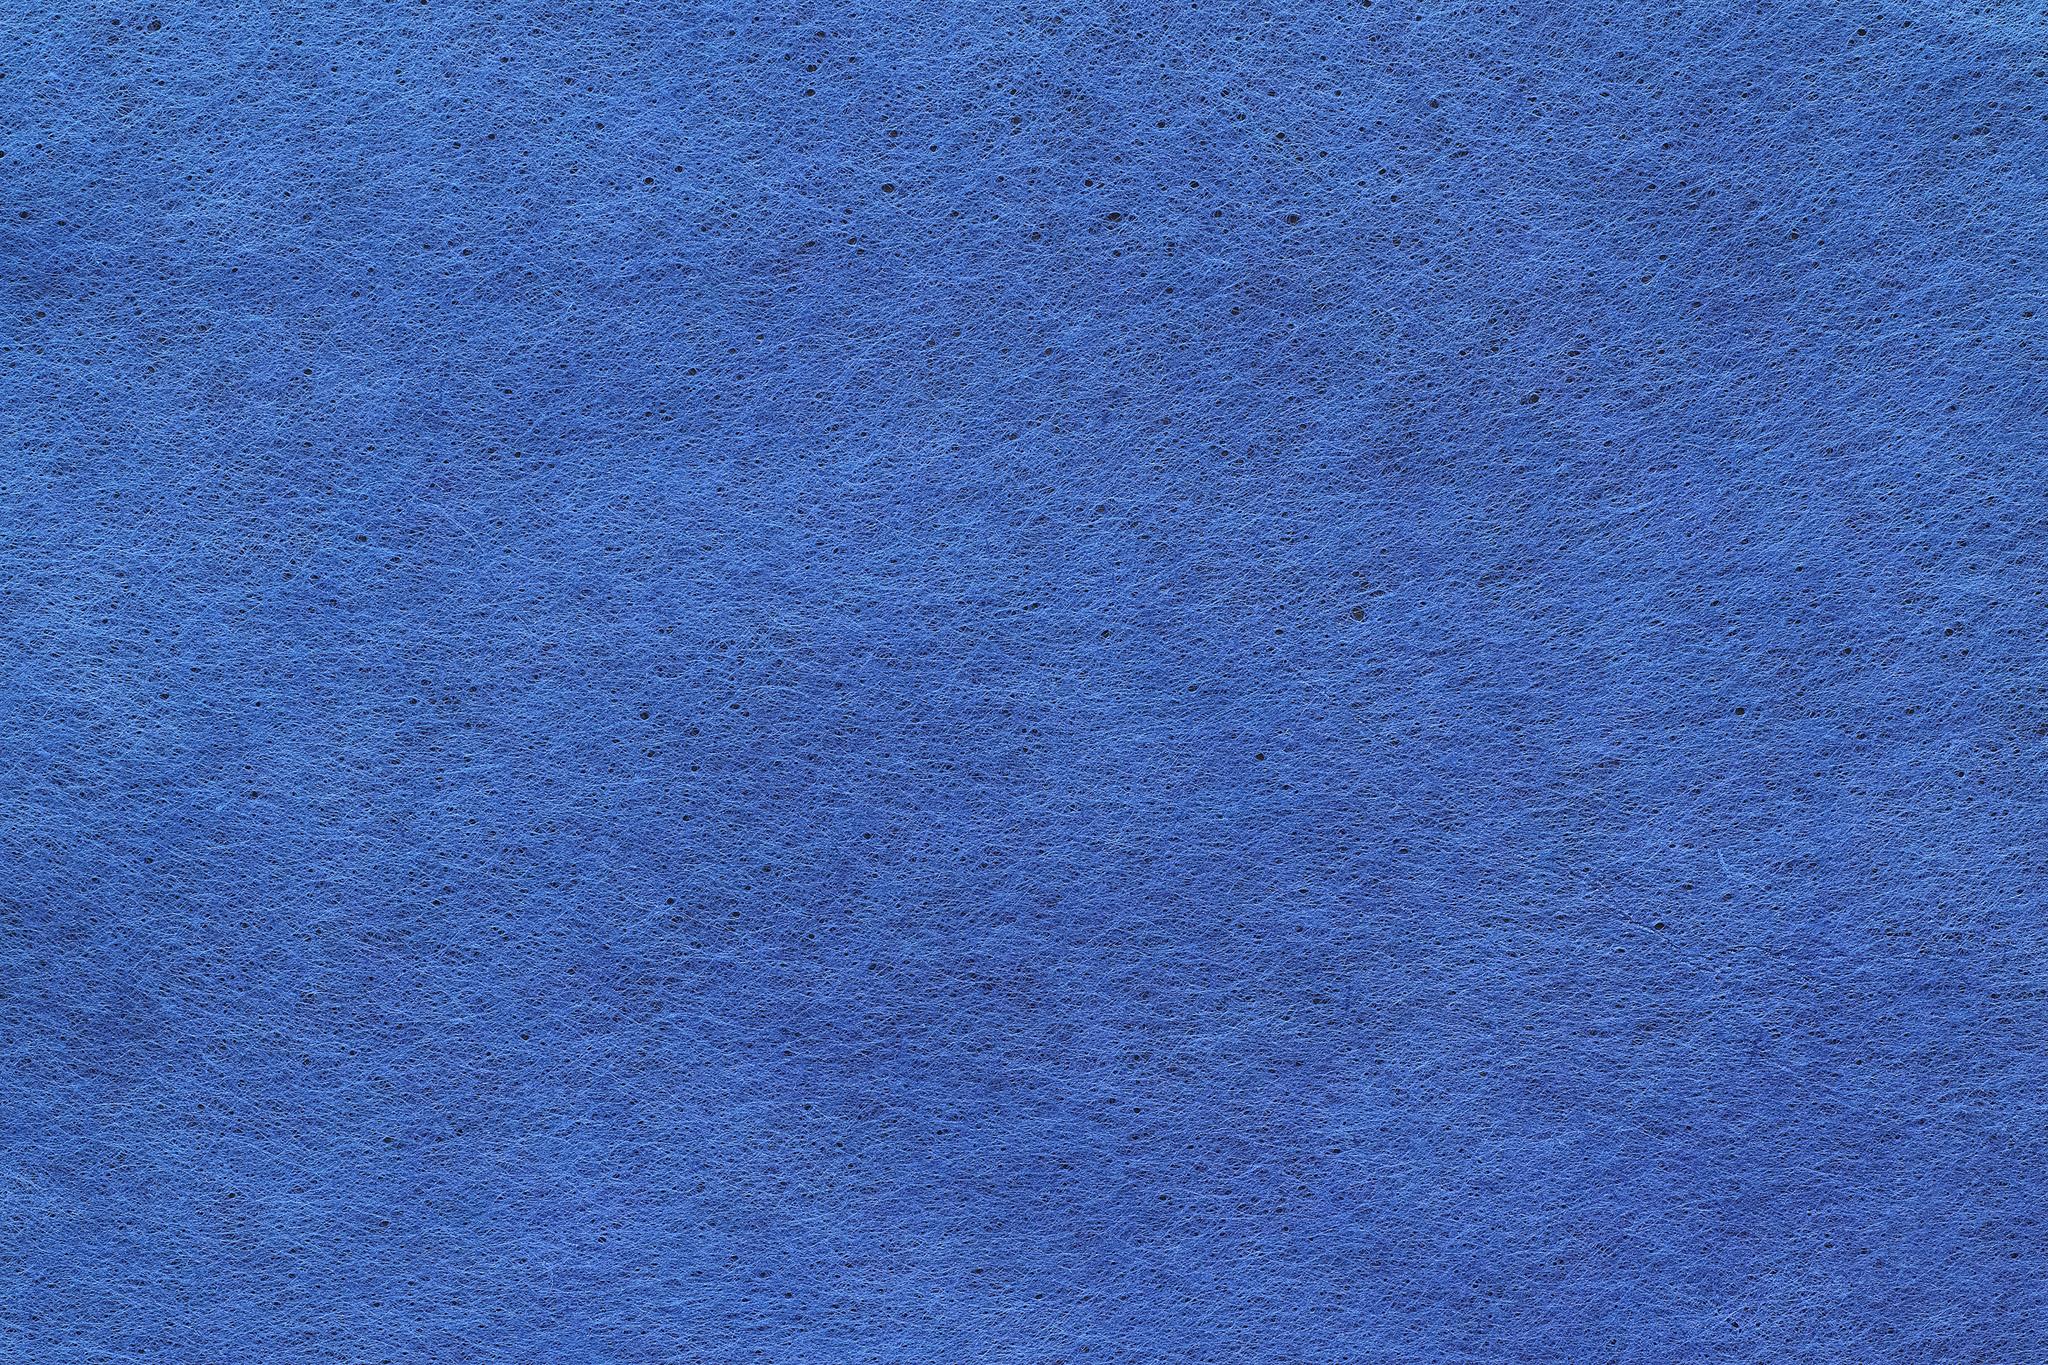 「染めた青紫色の和紙」の画像を無料ダウンロード